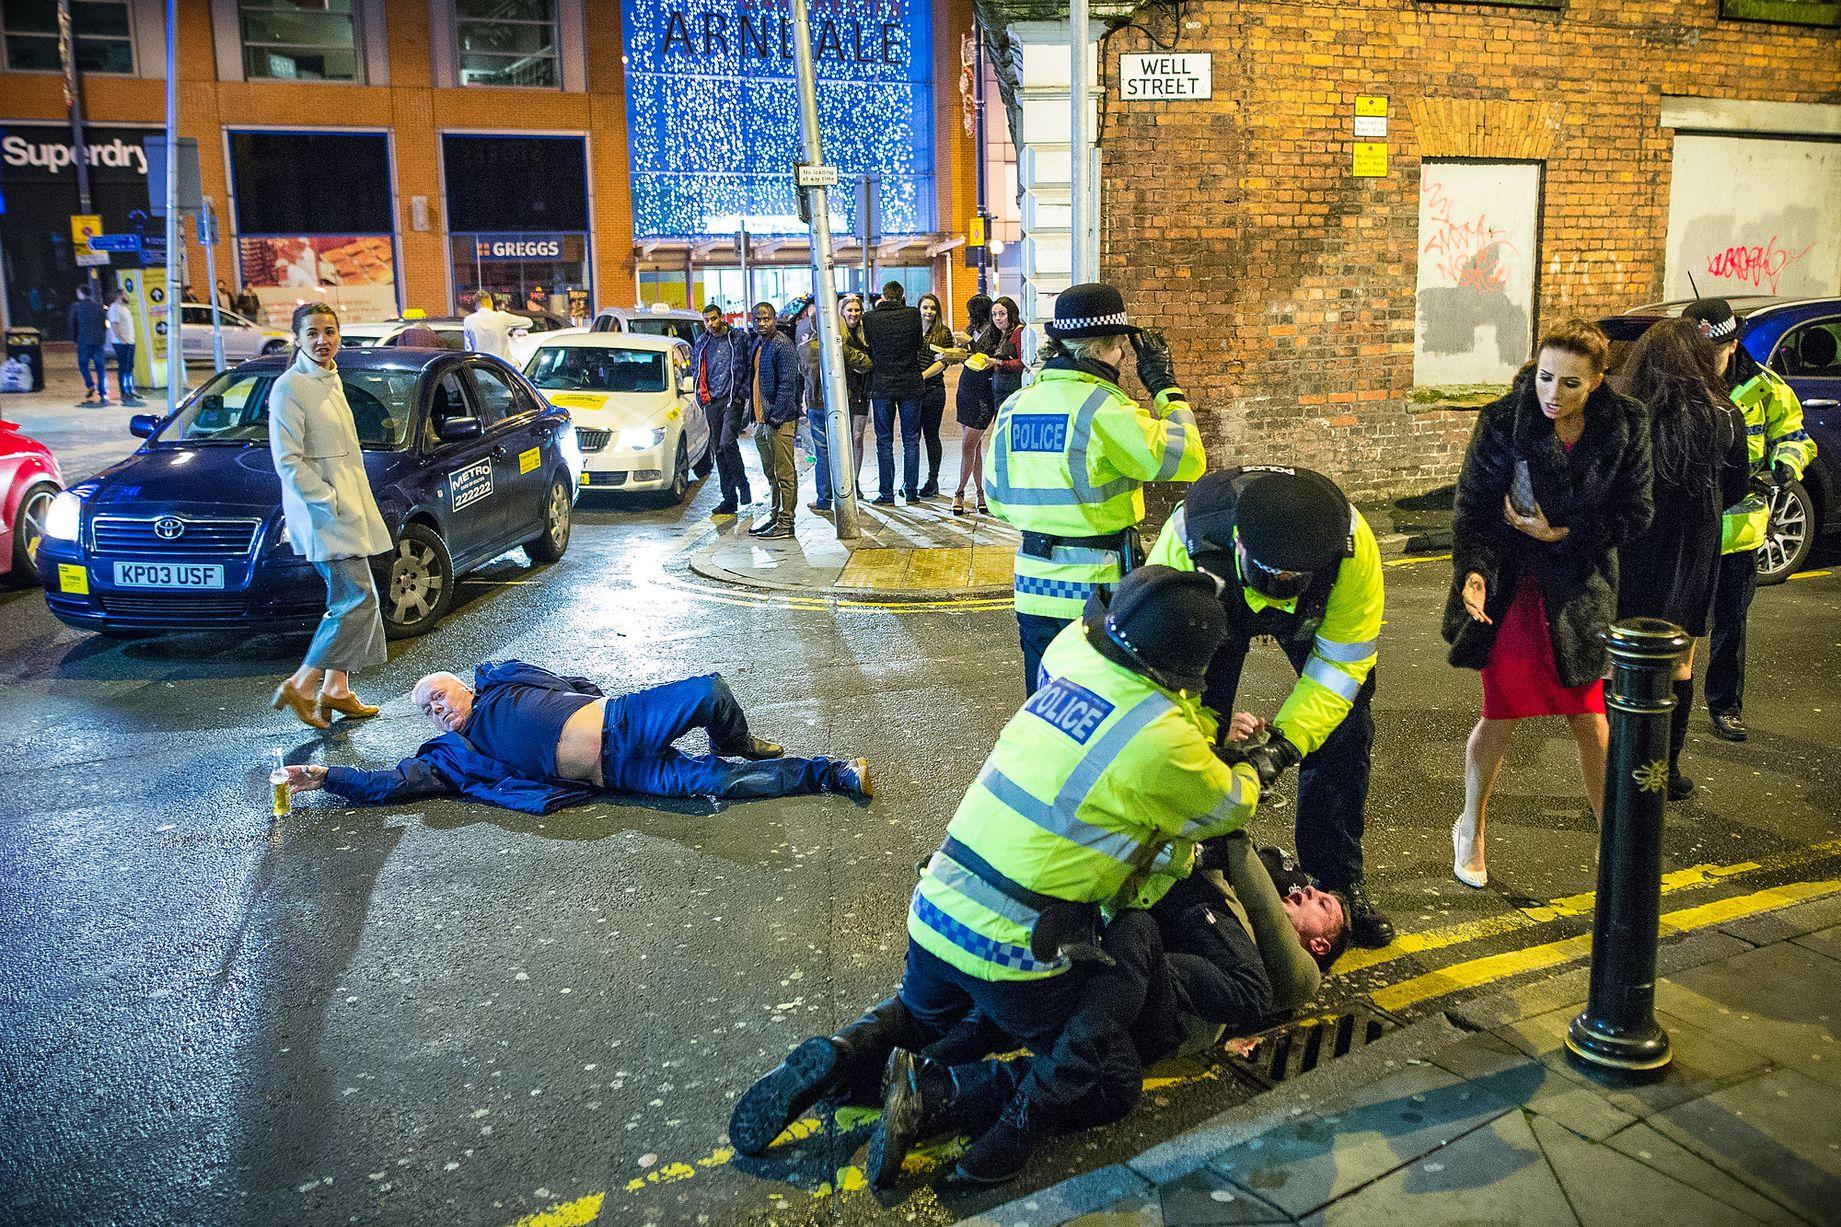 Deze nieuwsfoto van Joel Goodman van oud en nieuw in Manchester werd door het internet onthaald als een kunstwerk uit de renaissance. Via